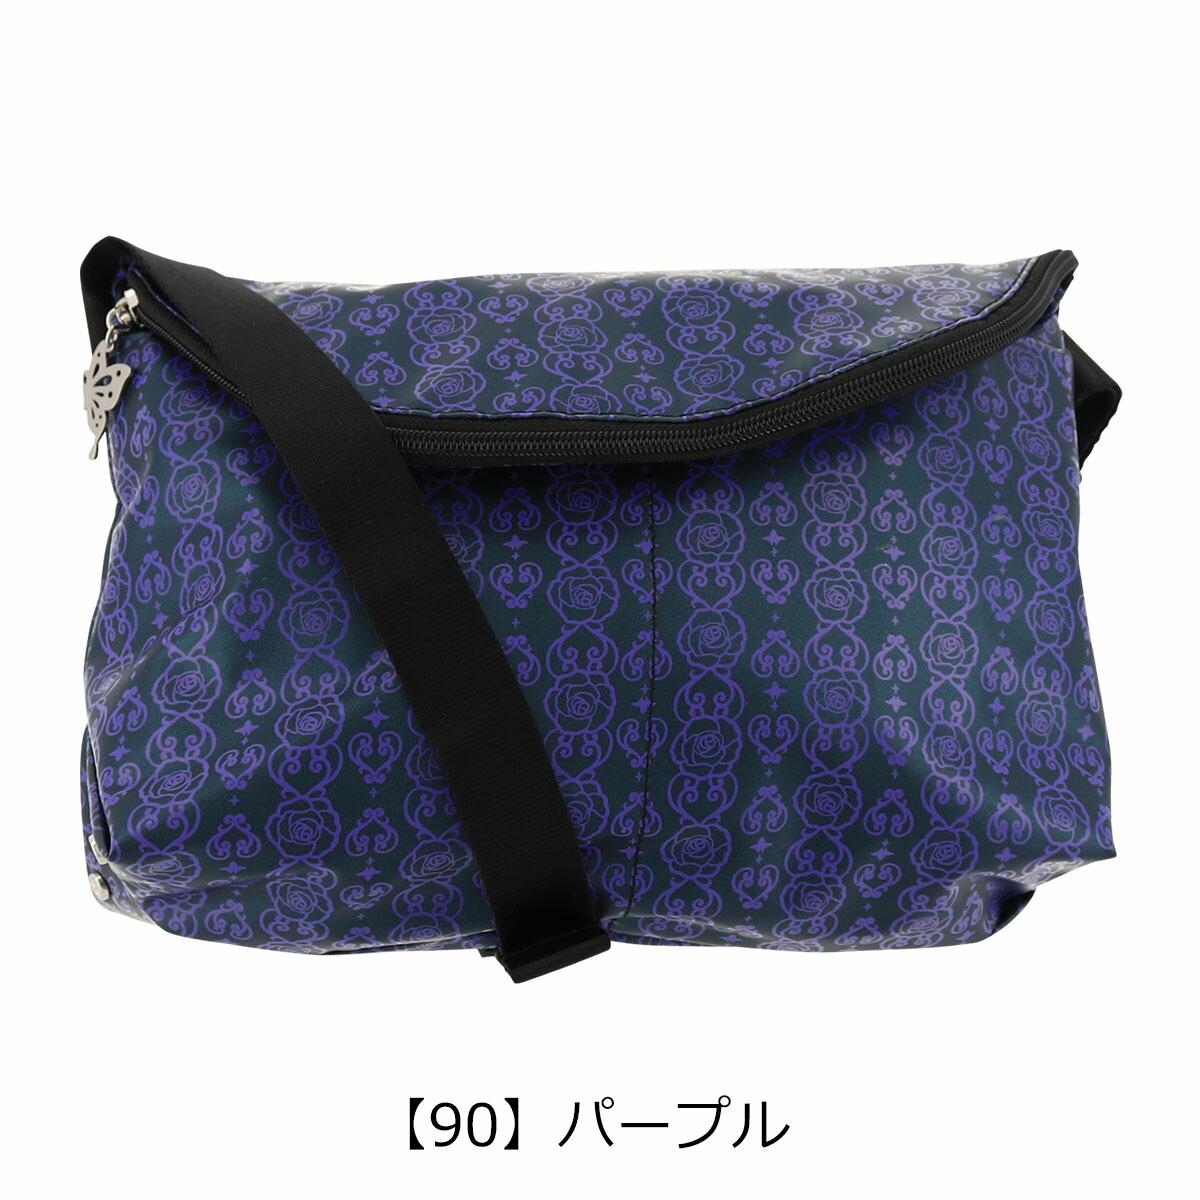 【90】パープル